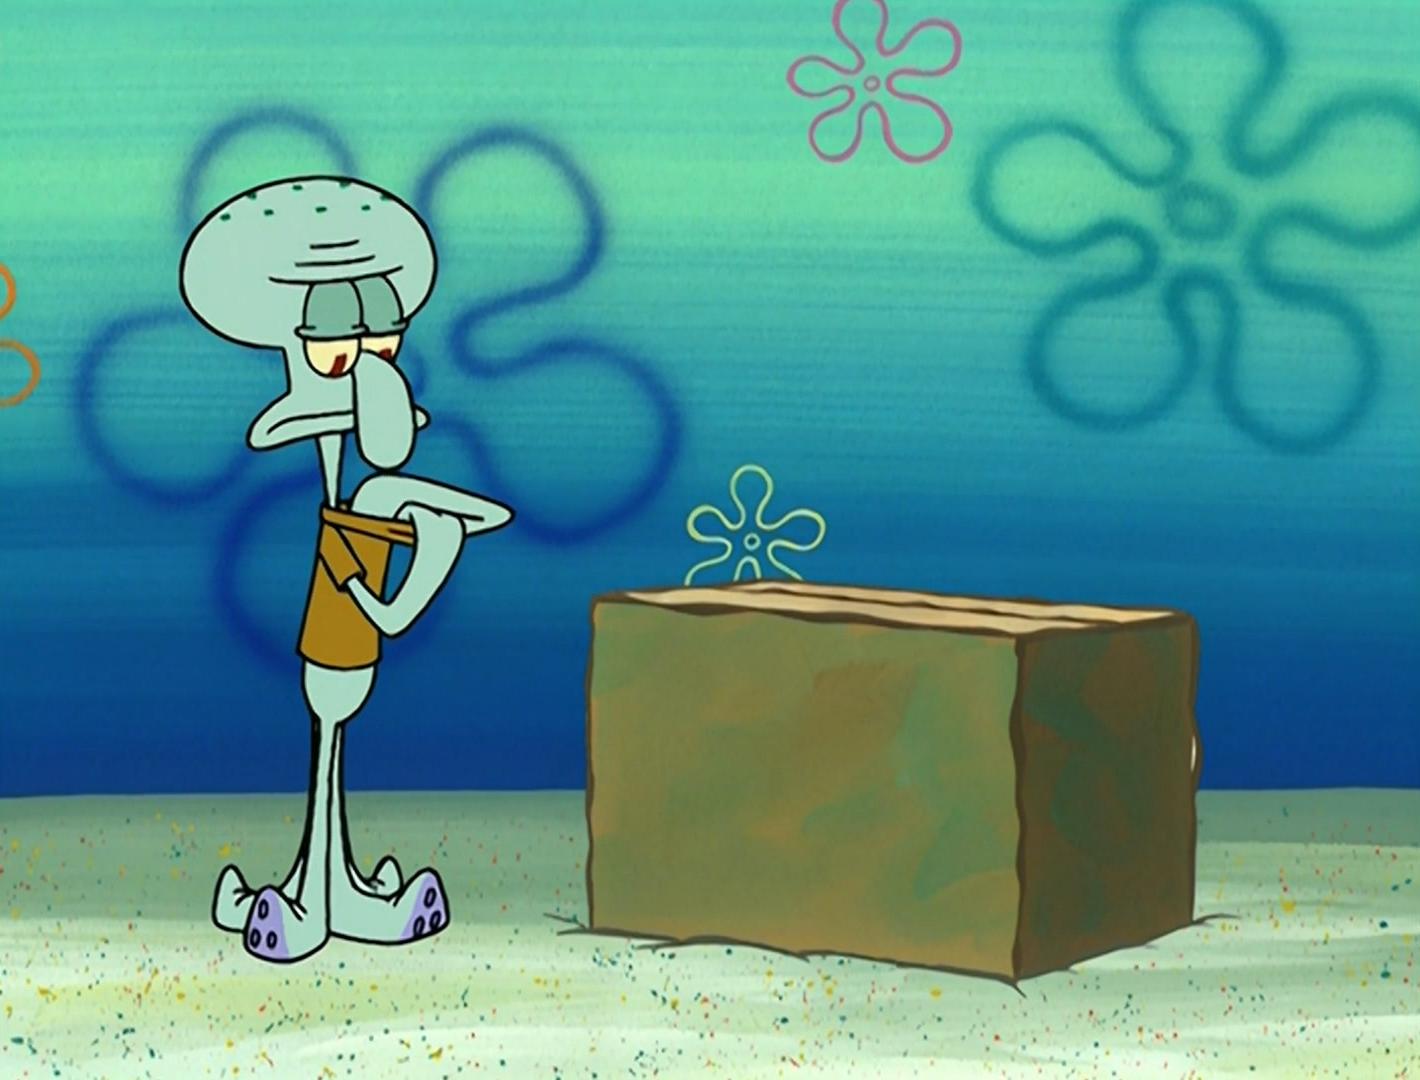 File:Idiot Box 049.png